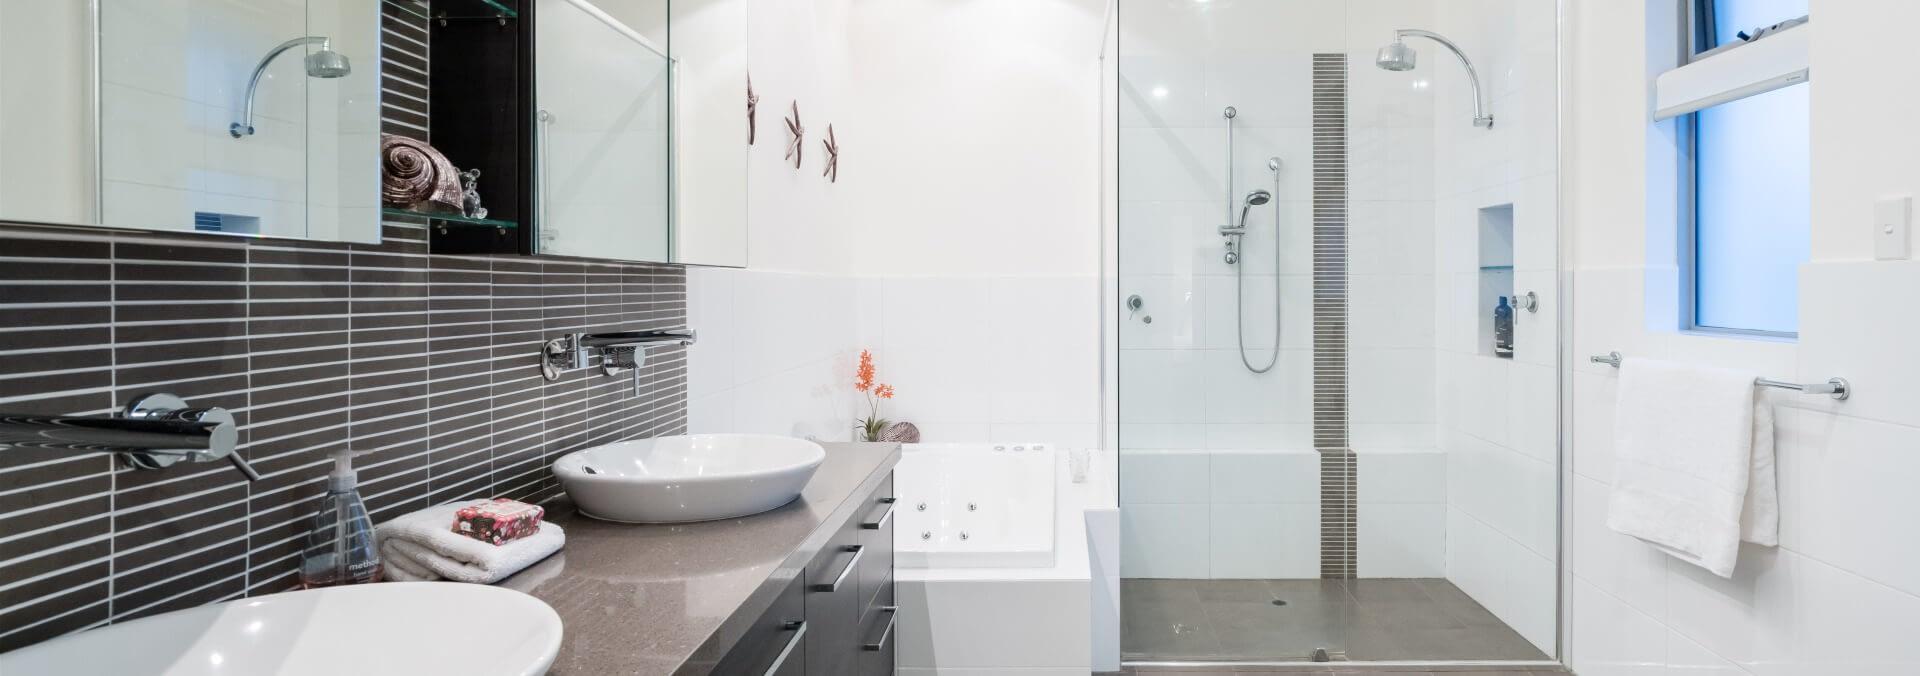 Licensed Bathroom Renovation Experts